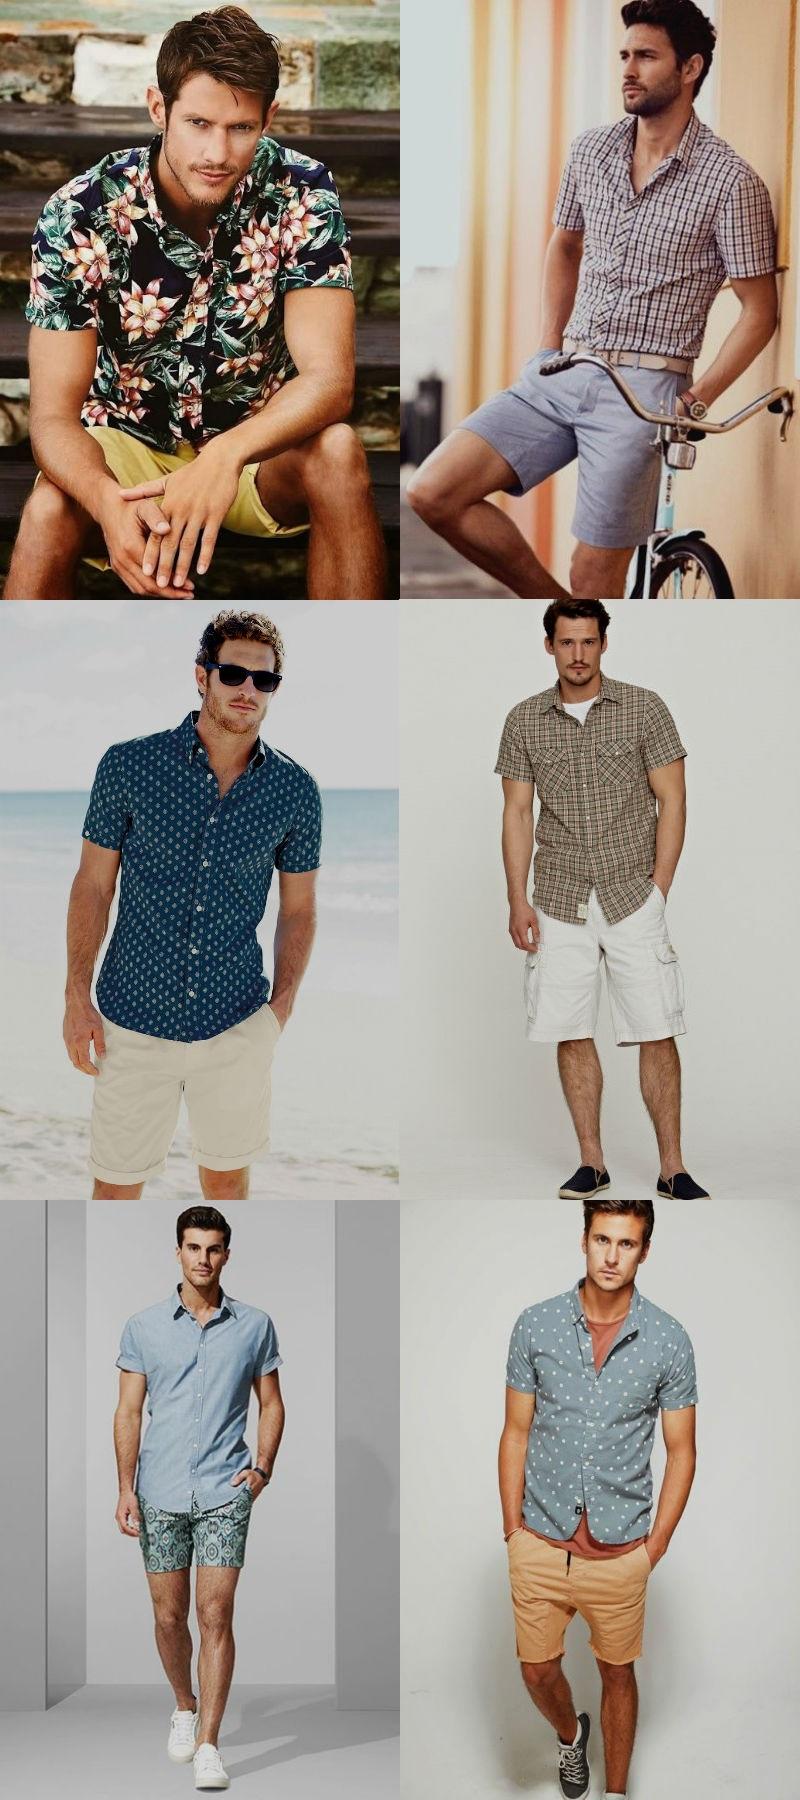 Homem No Espelho - Moda casual- bermudas camisa manga longa4